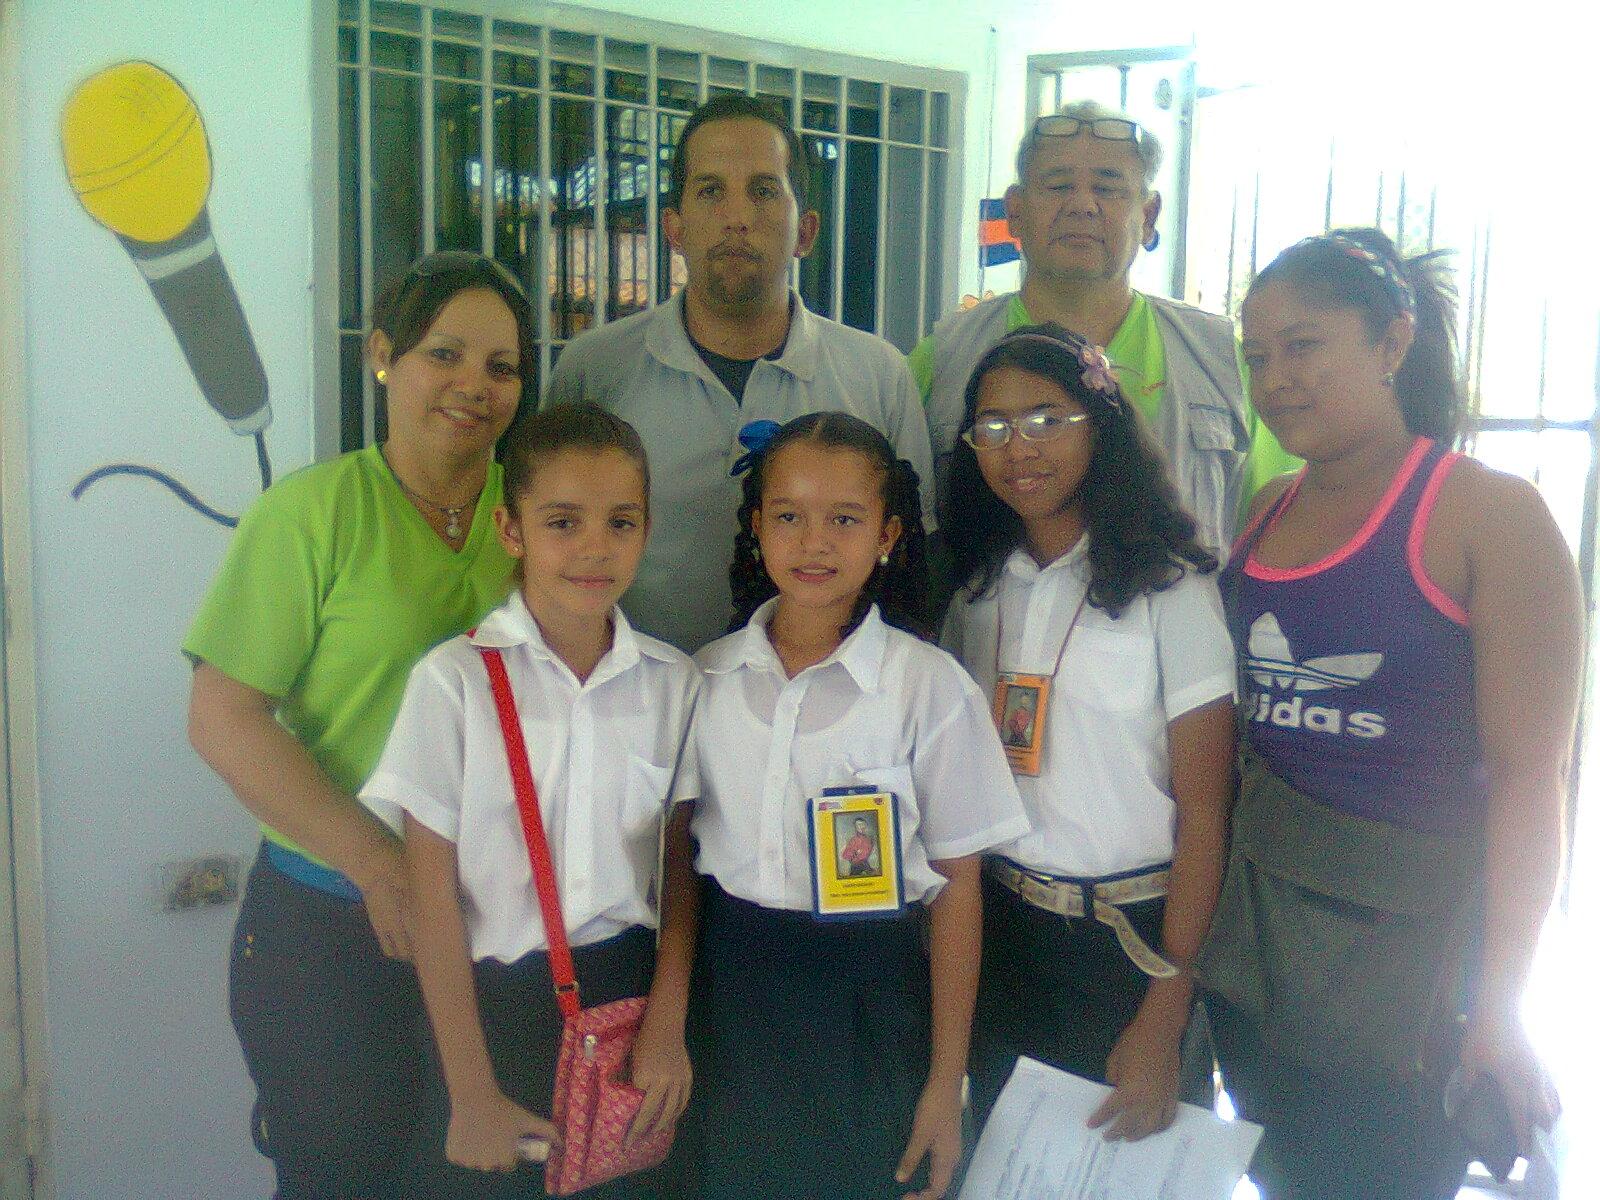 ESTUDIANTES DE OTRAS ESCUELAS